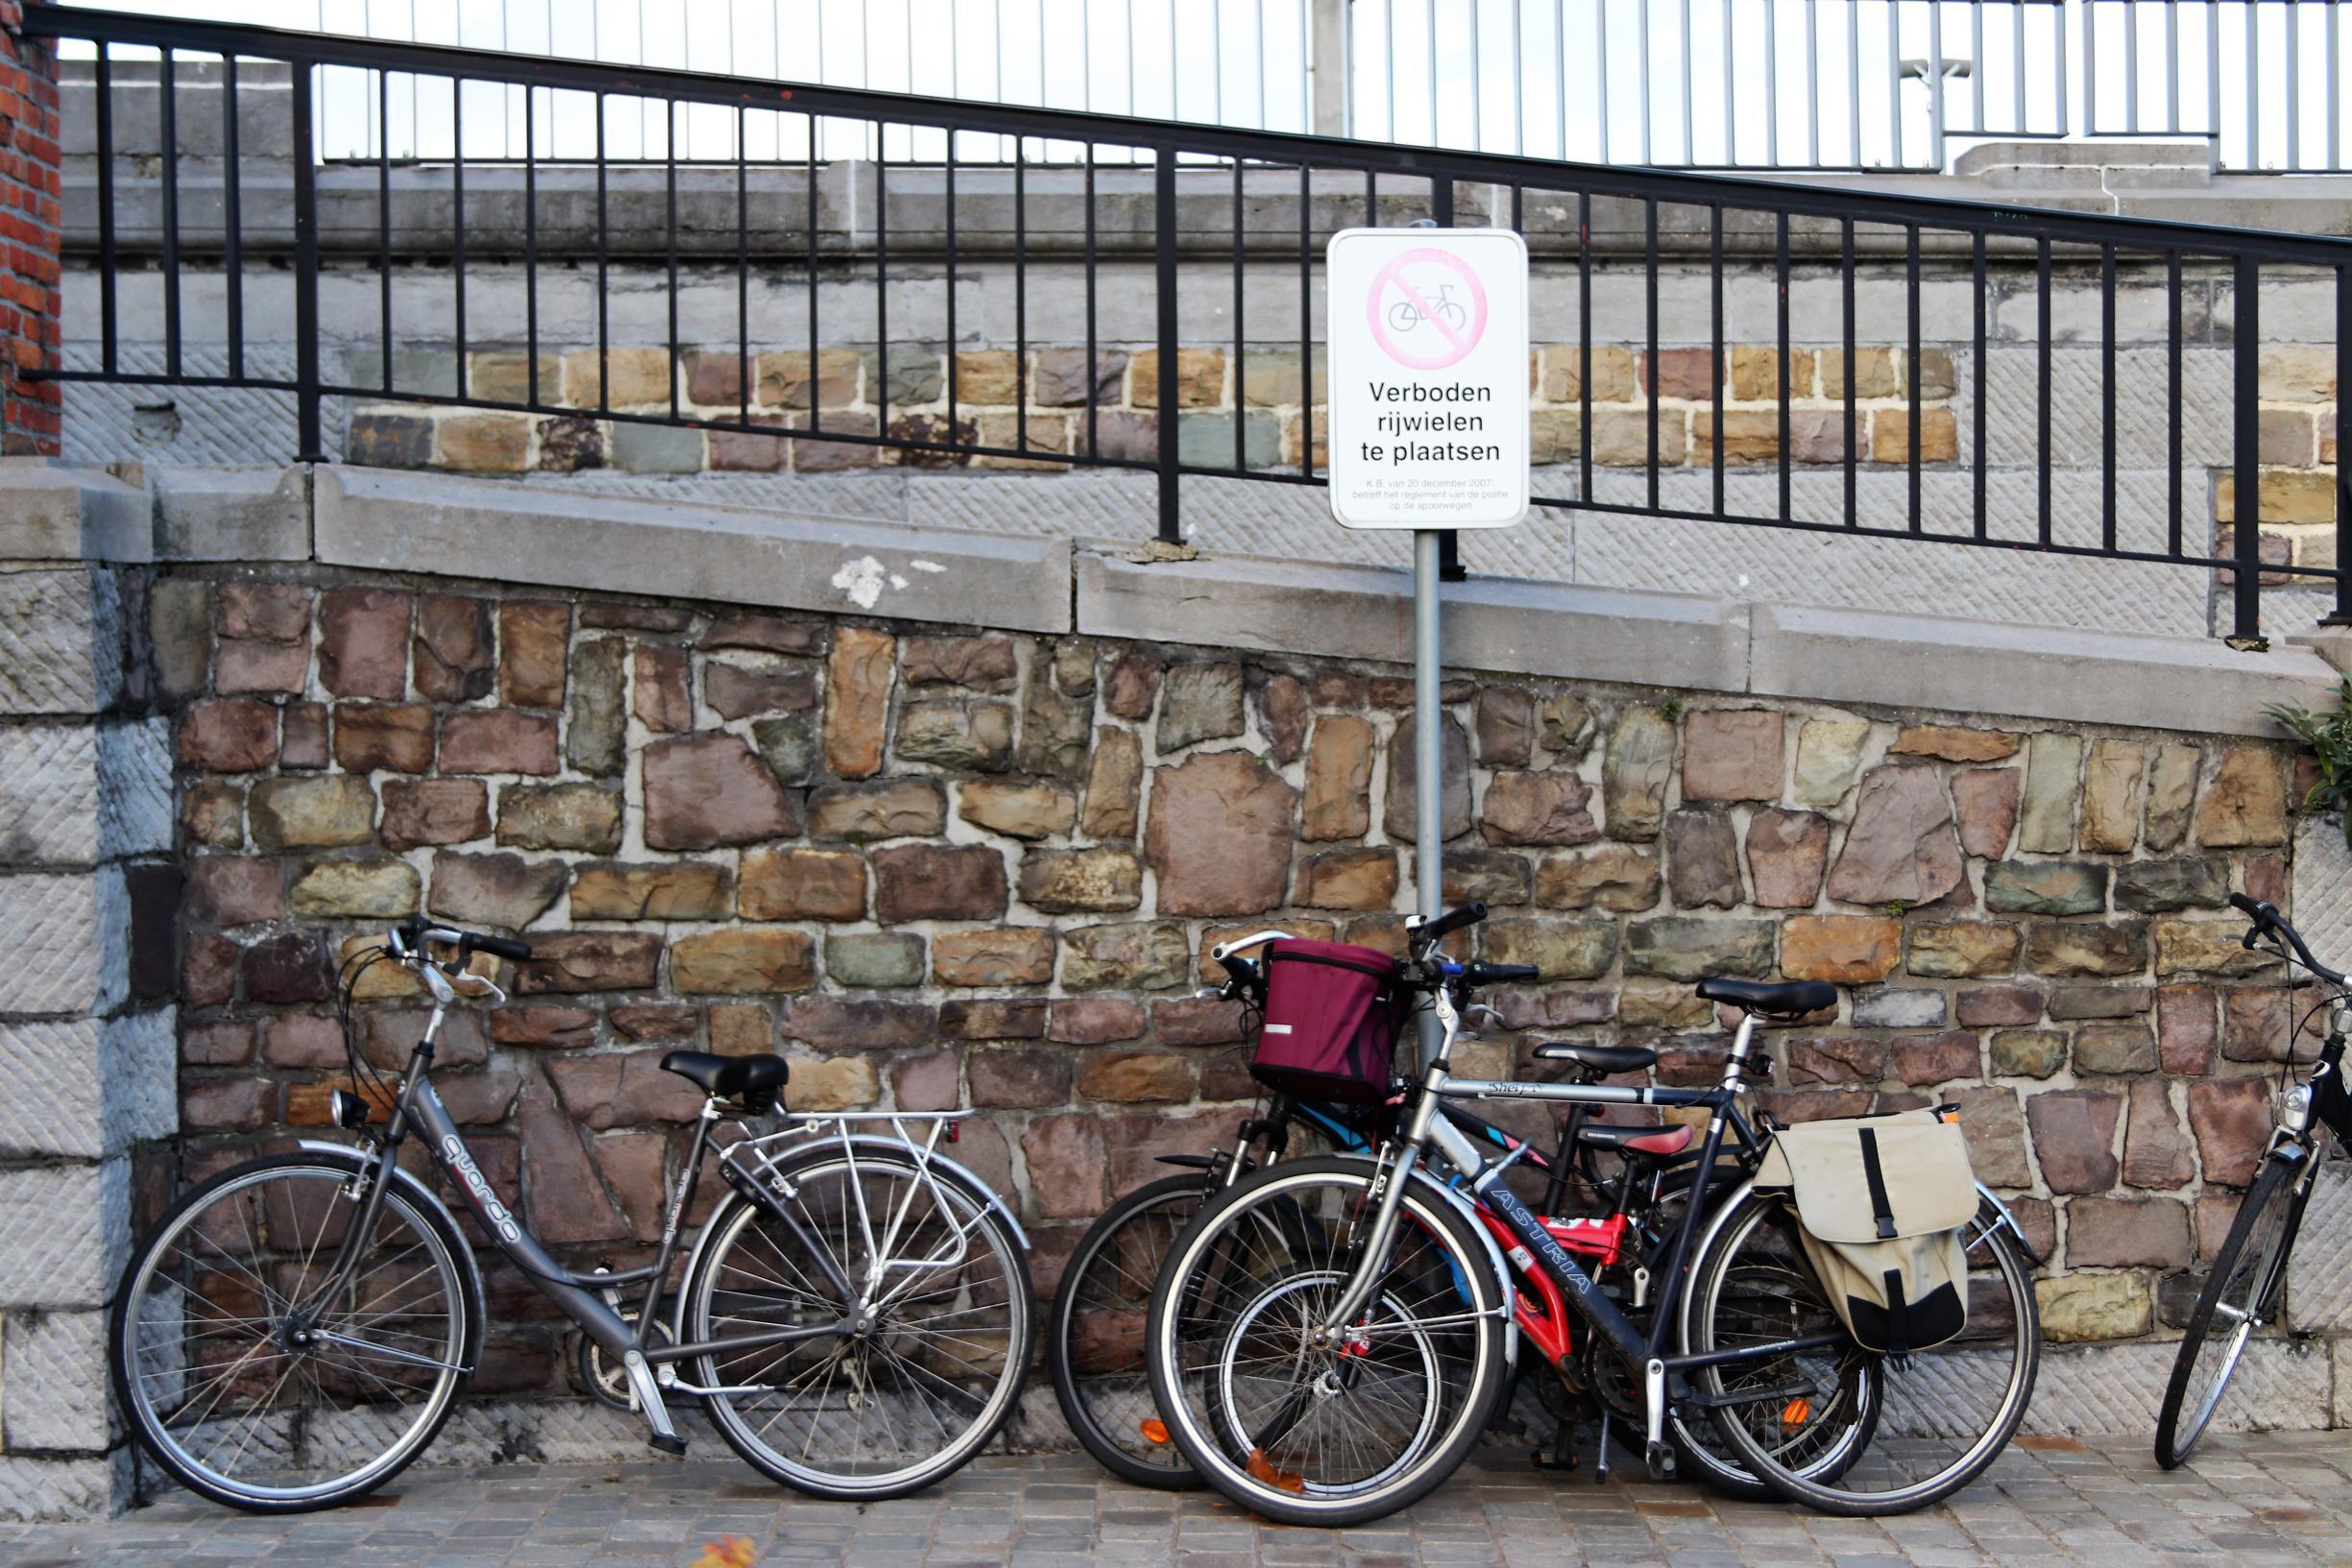 Fietsenstalling aan station veel te klein: gemeenschapswachten zoeken oplossing